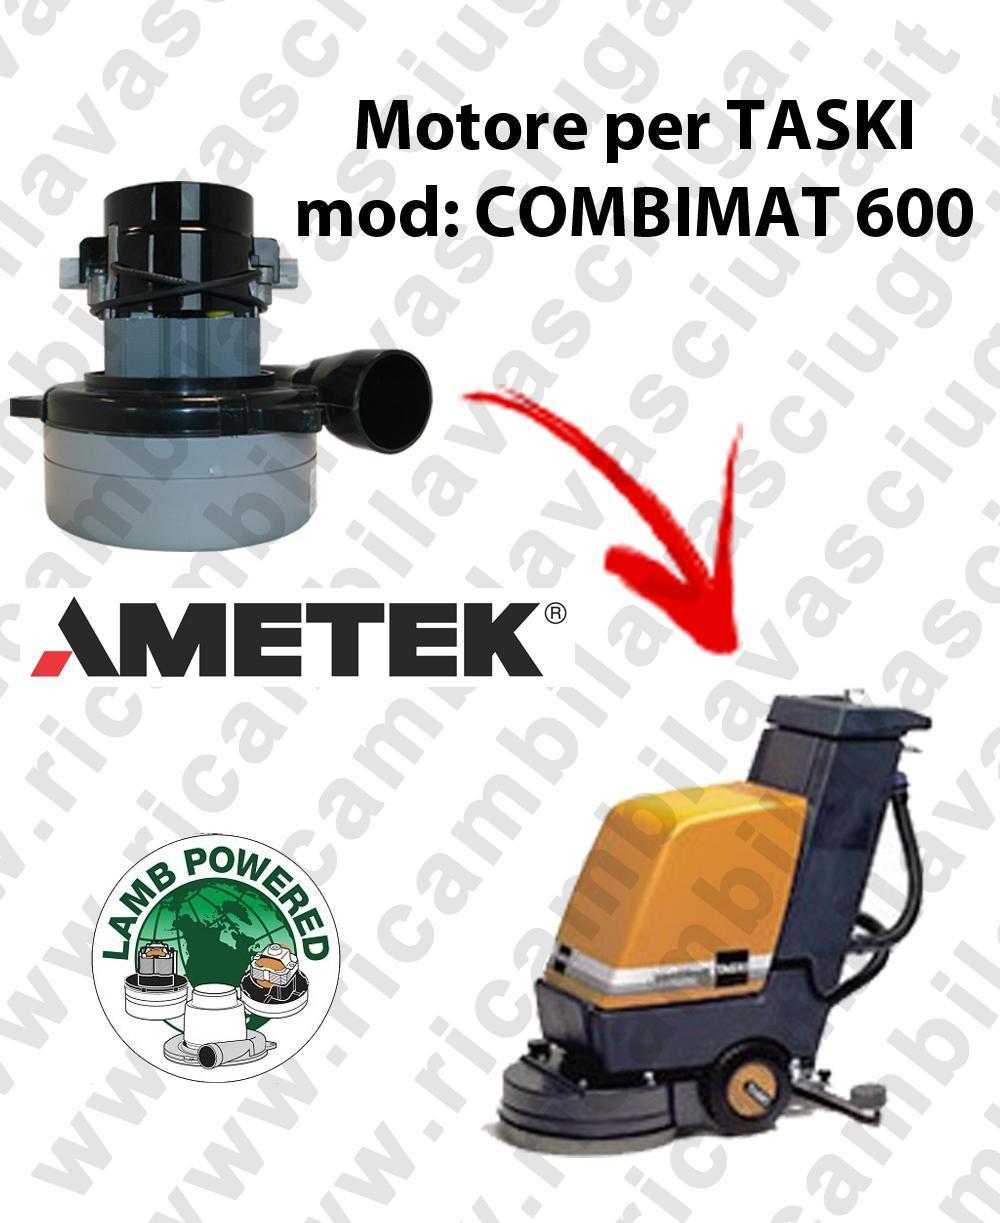 COMBIMAT 600 MOTEUR ASPIRATION LAMB AMATEK pour autolaveuses TASKI